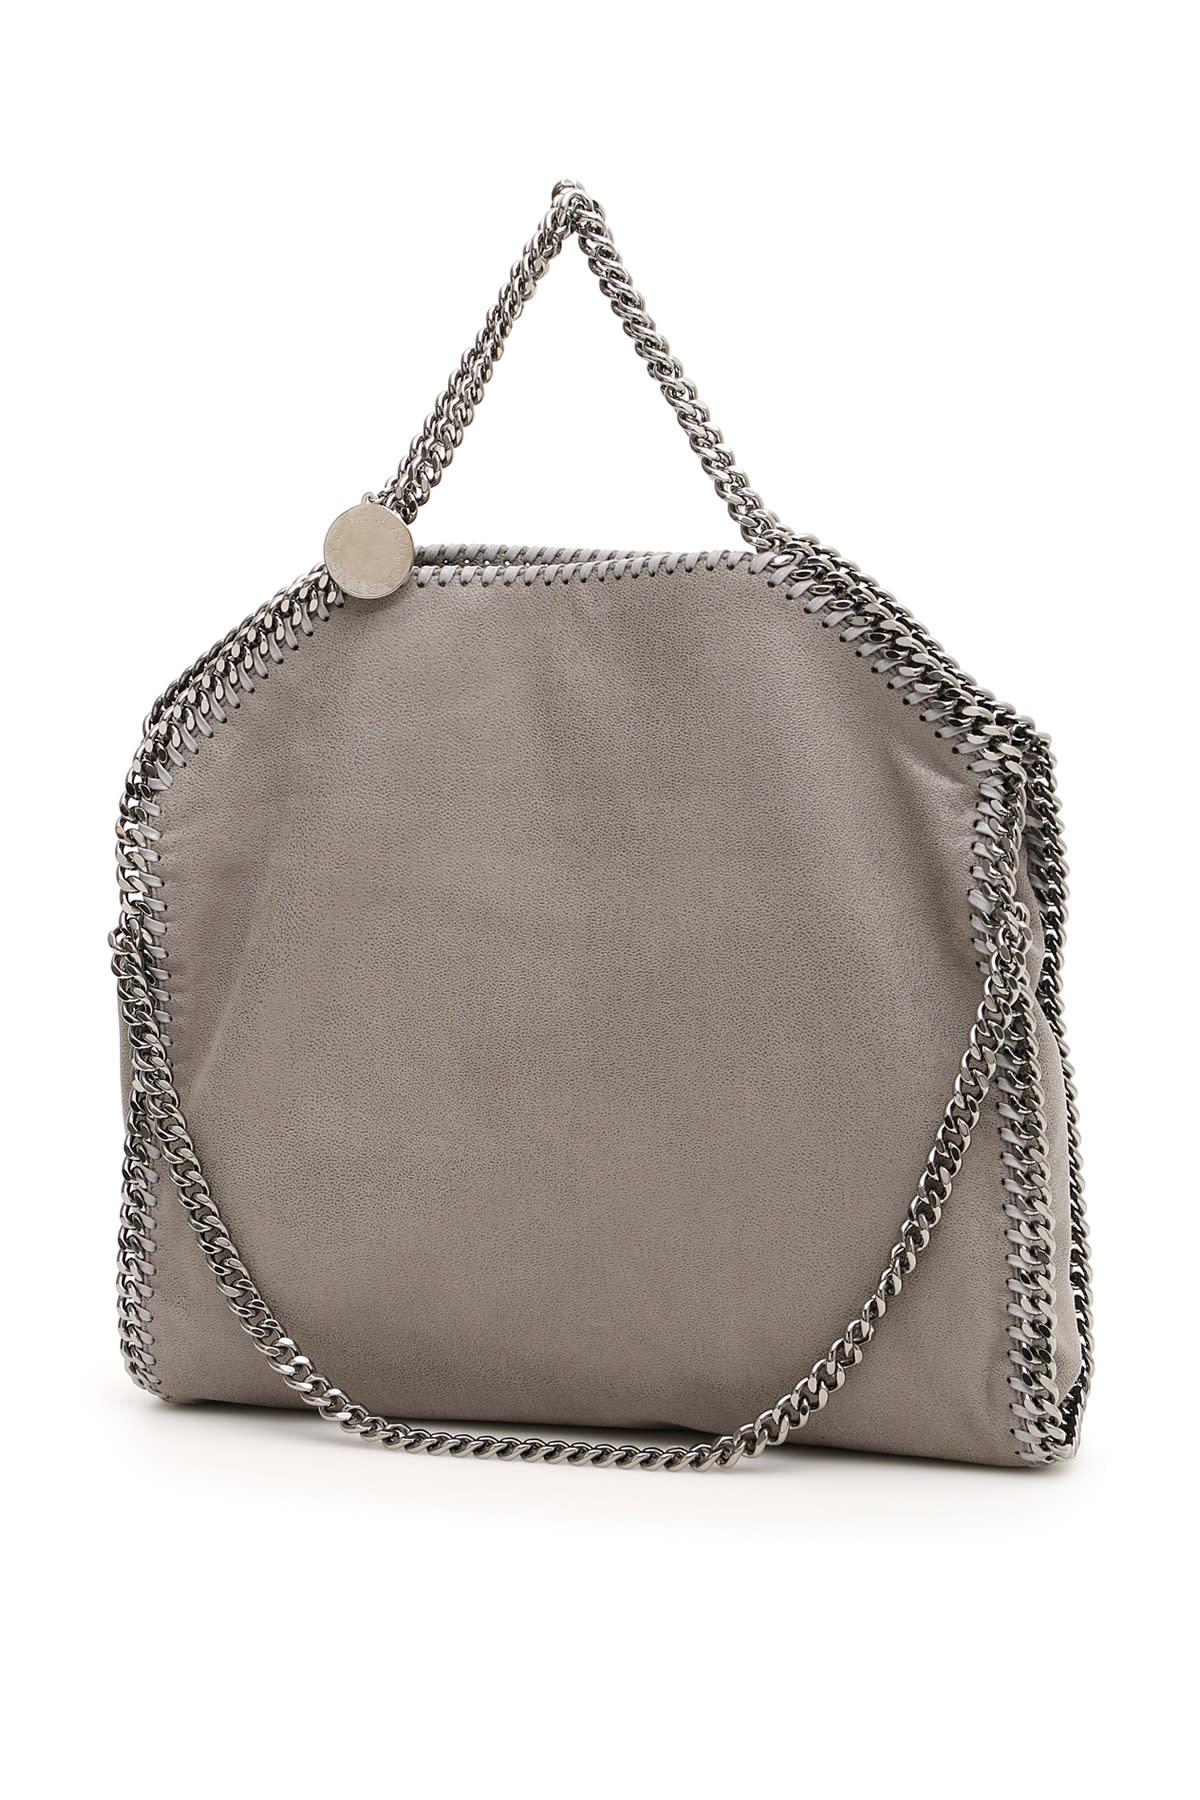 Stella McCartney 3 Chain Falabella Tote Bag